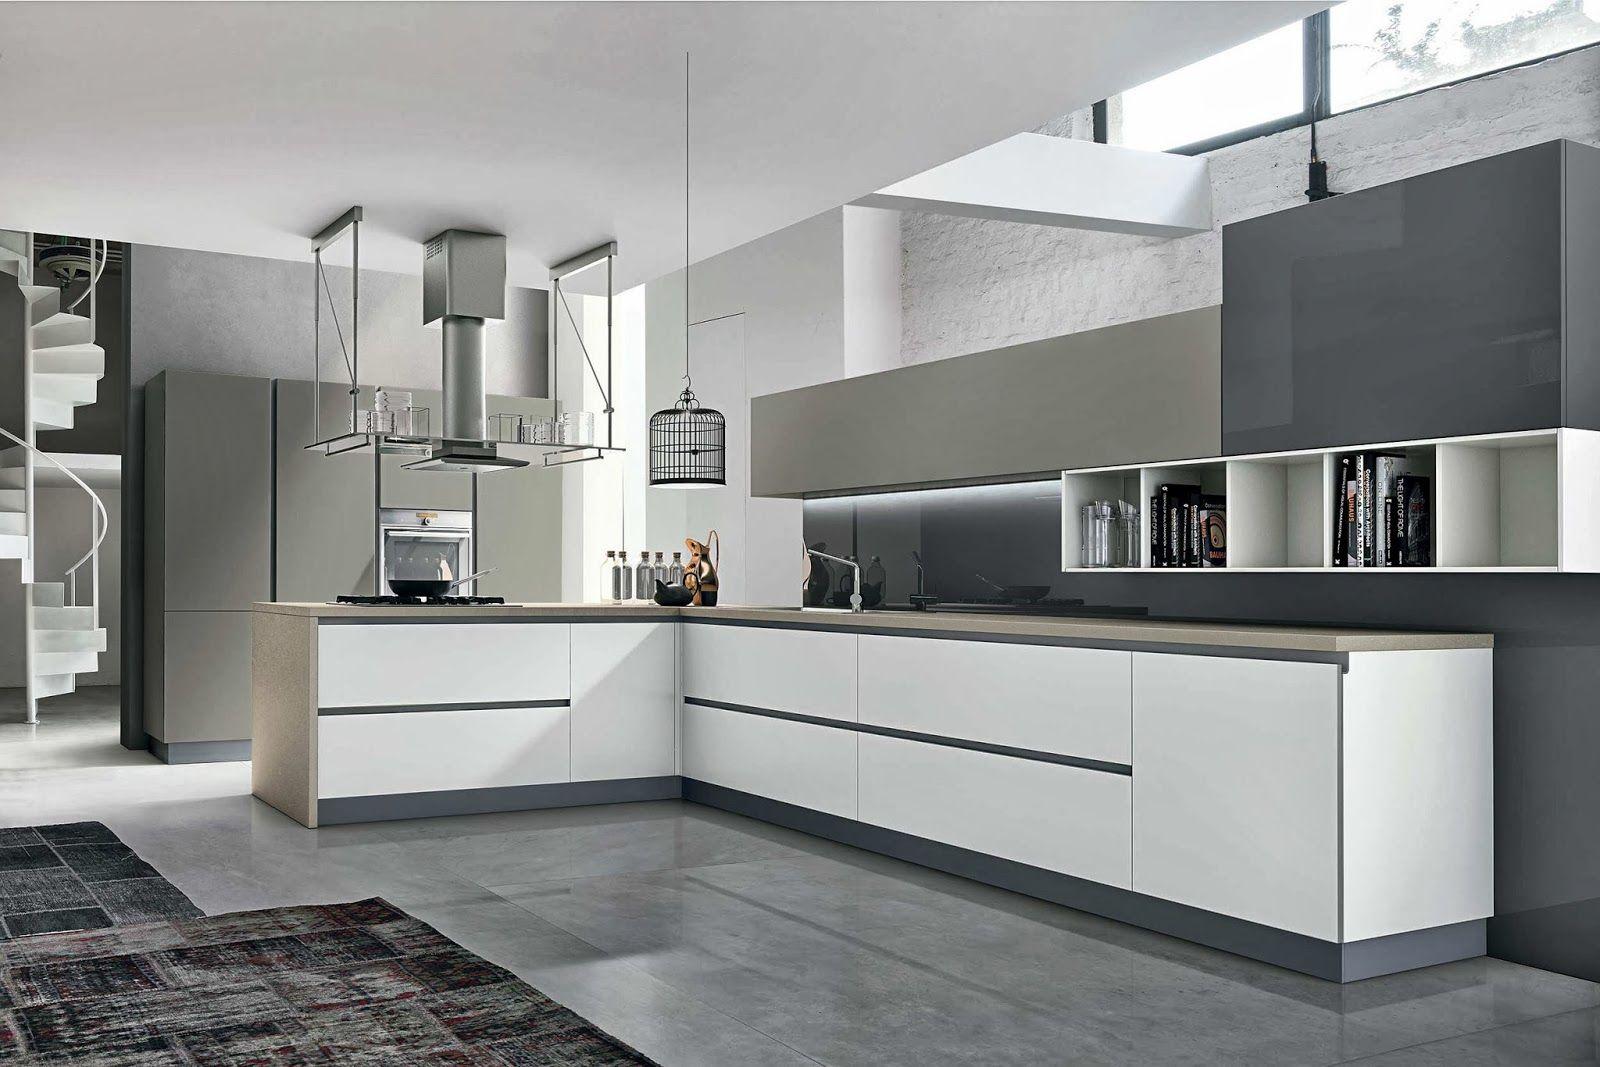 Cuisine Moderne Sans Poignees Blanche Et Taupe Composition